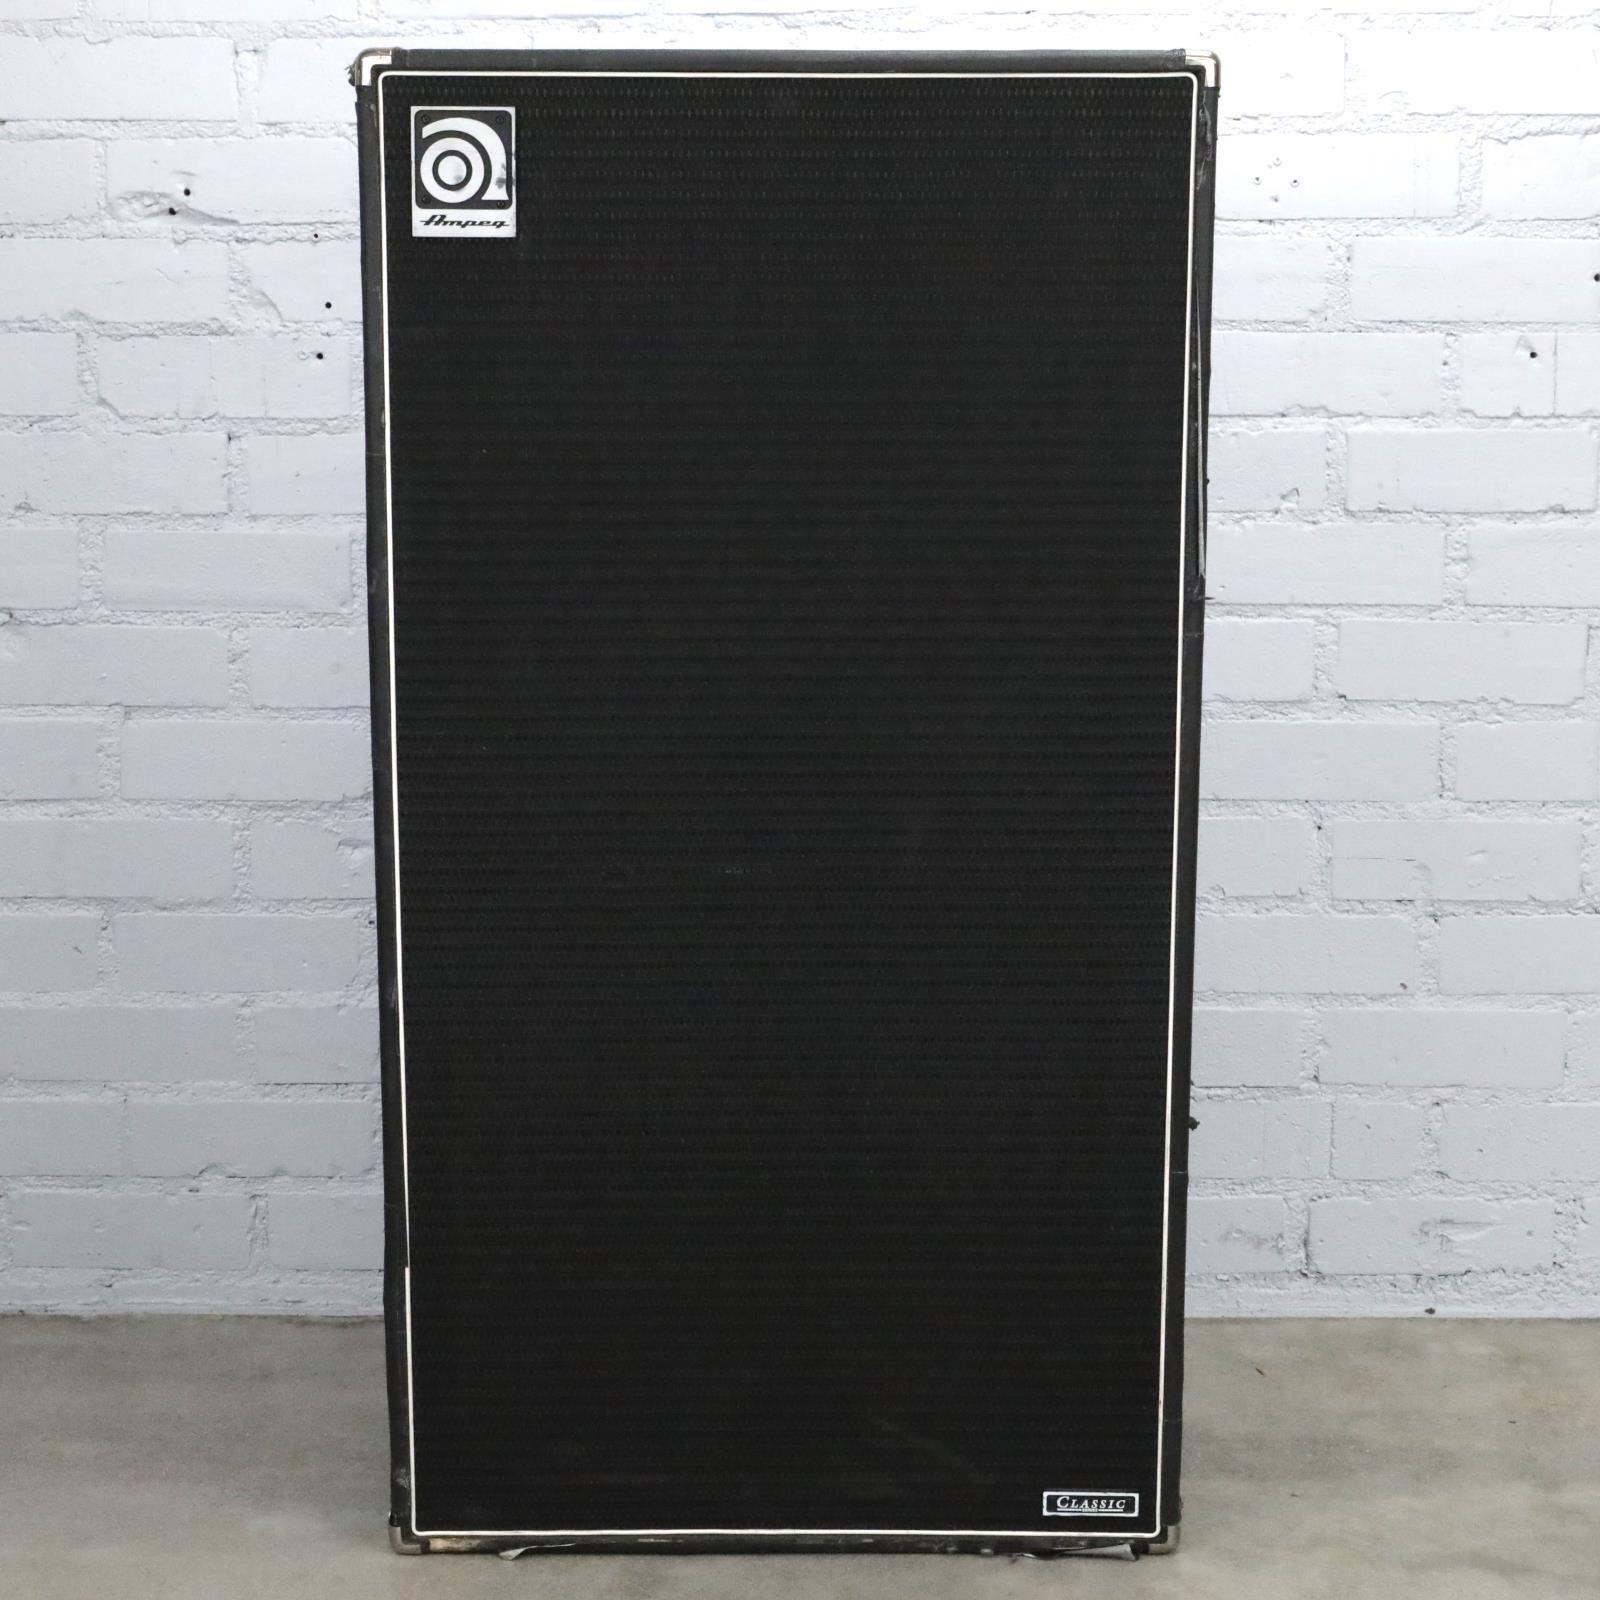 Ampeg SVT-810E Classic 8x10 Bass Speaker Cabinet #40735